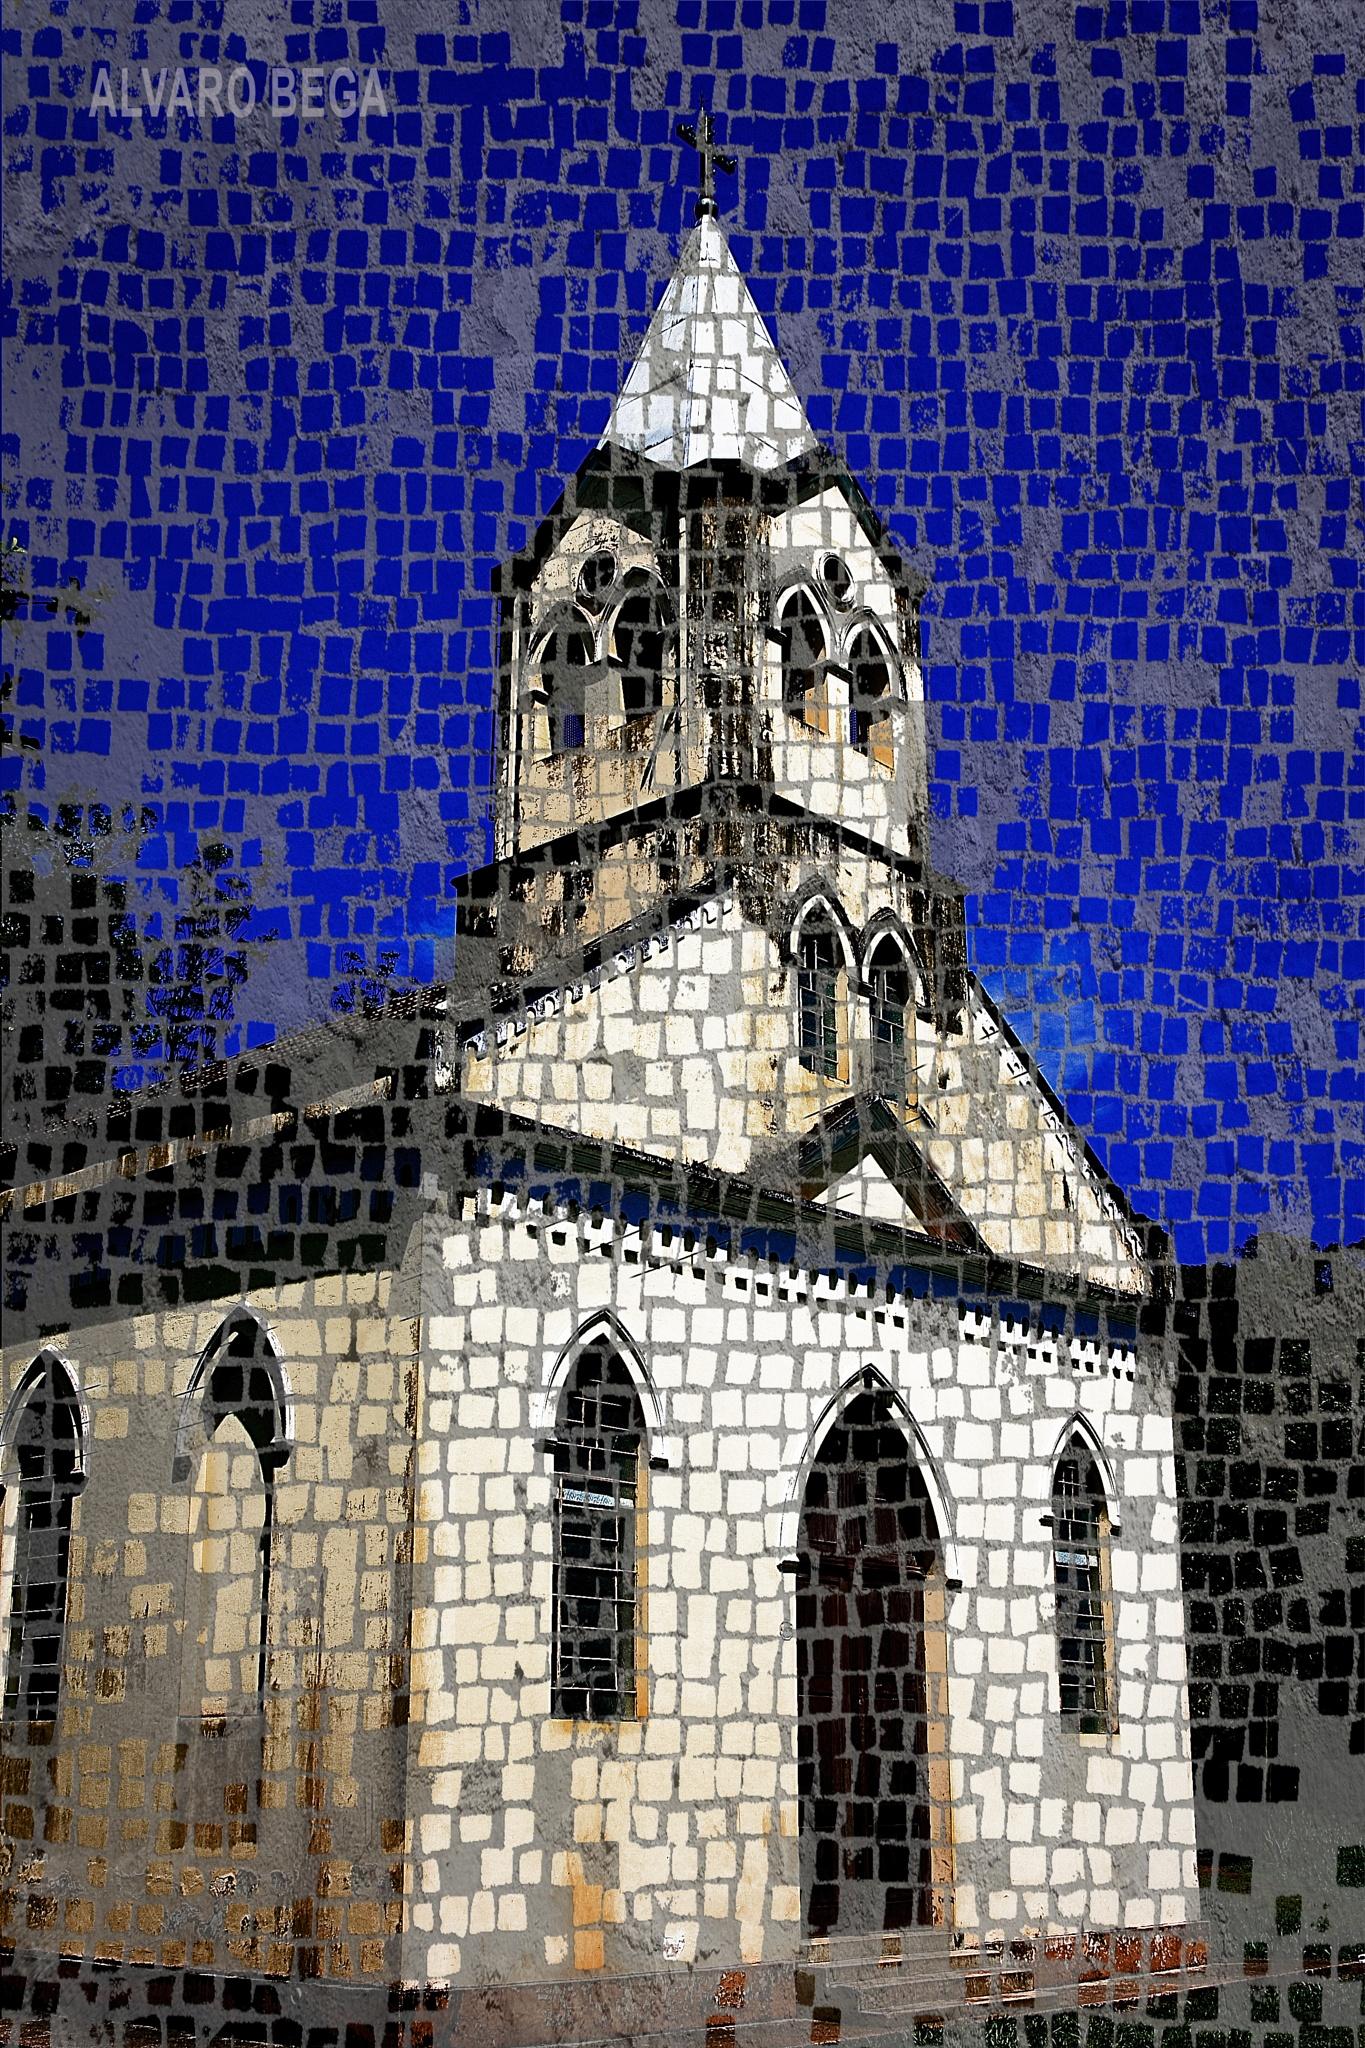 Igreja by alvarobega3